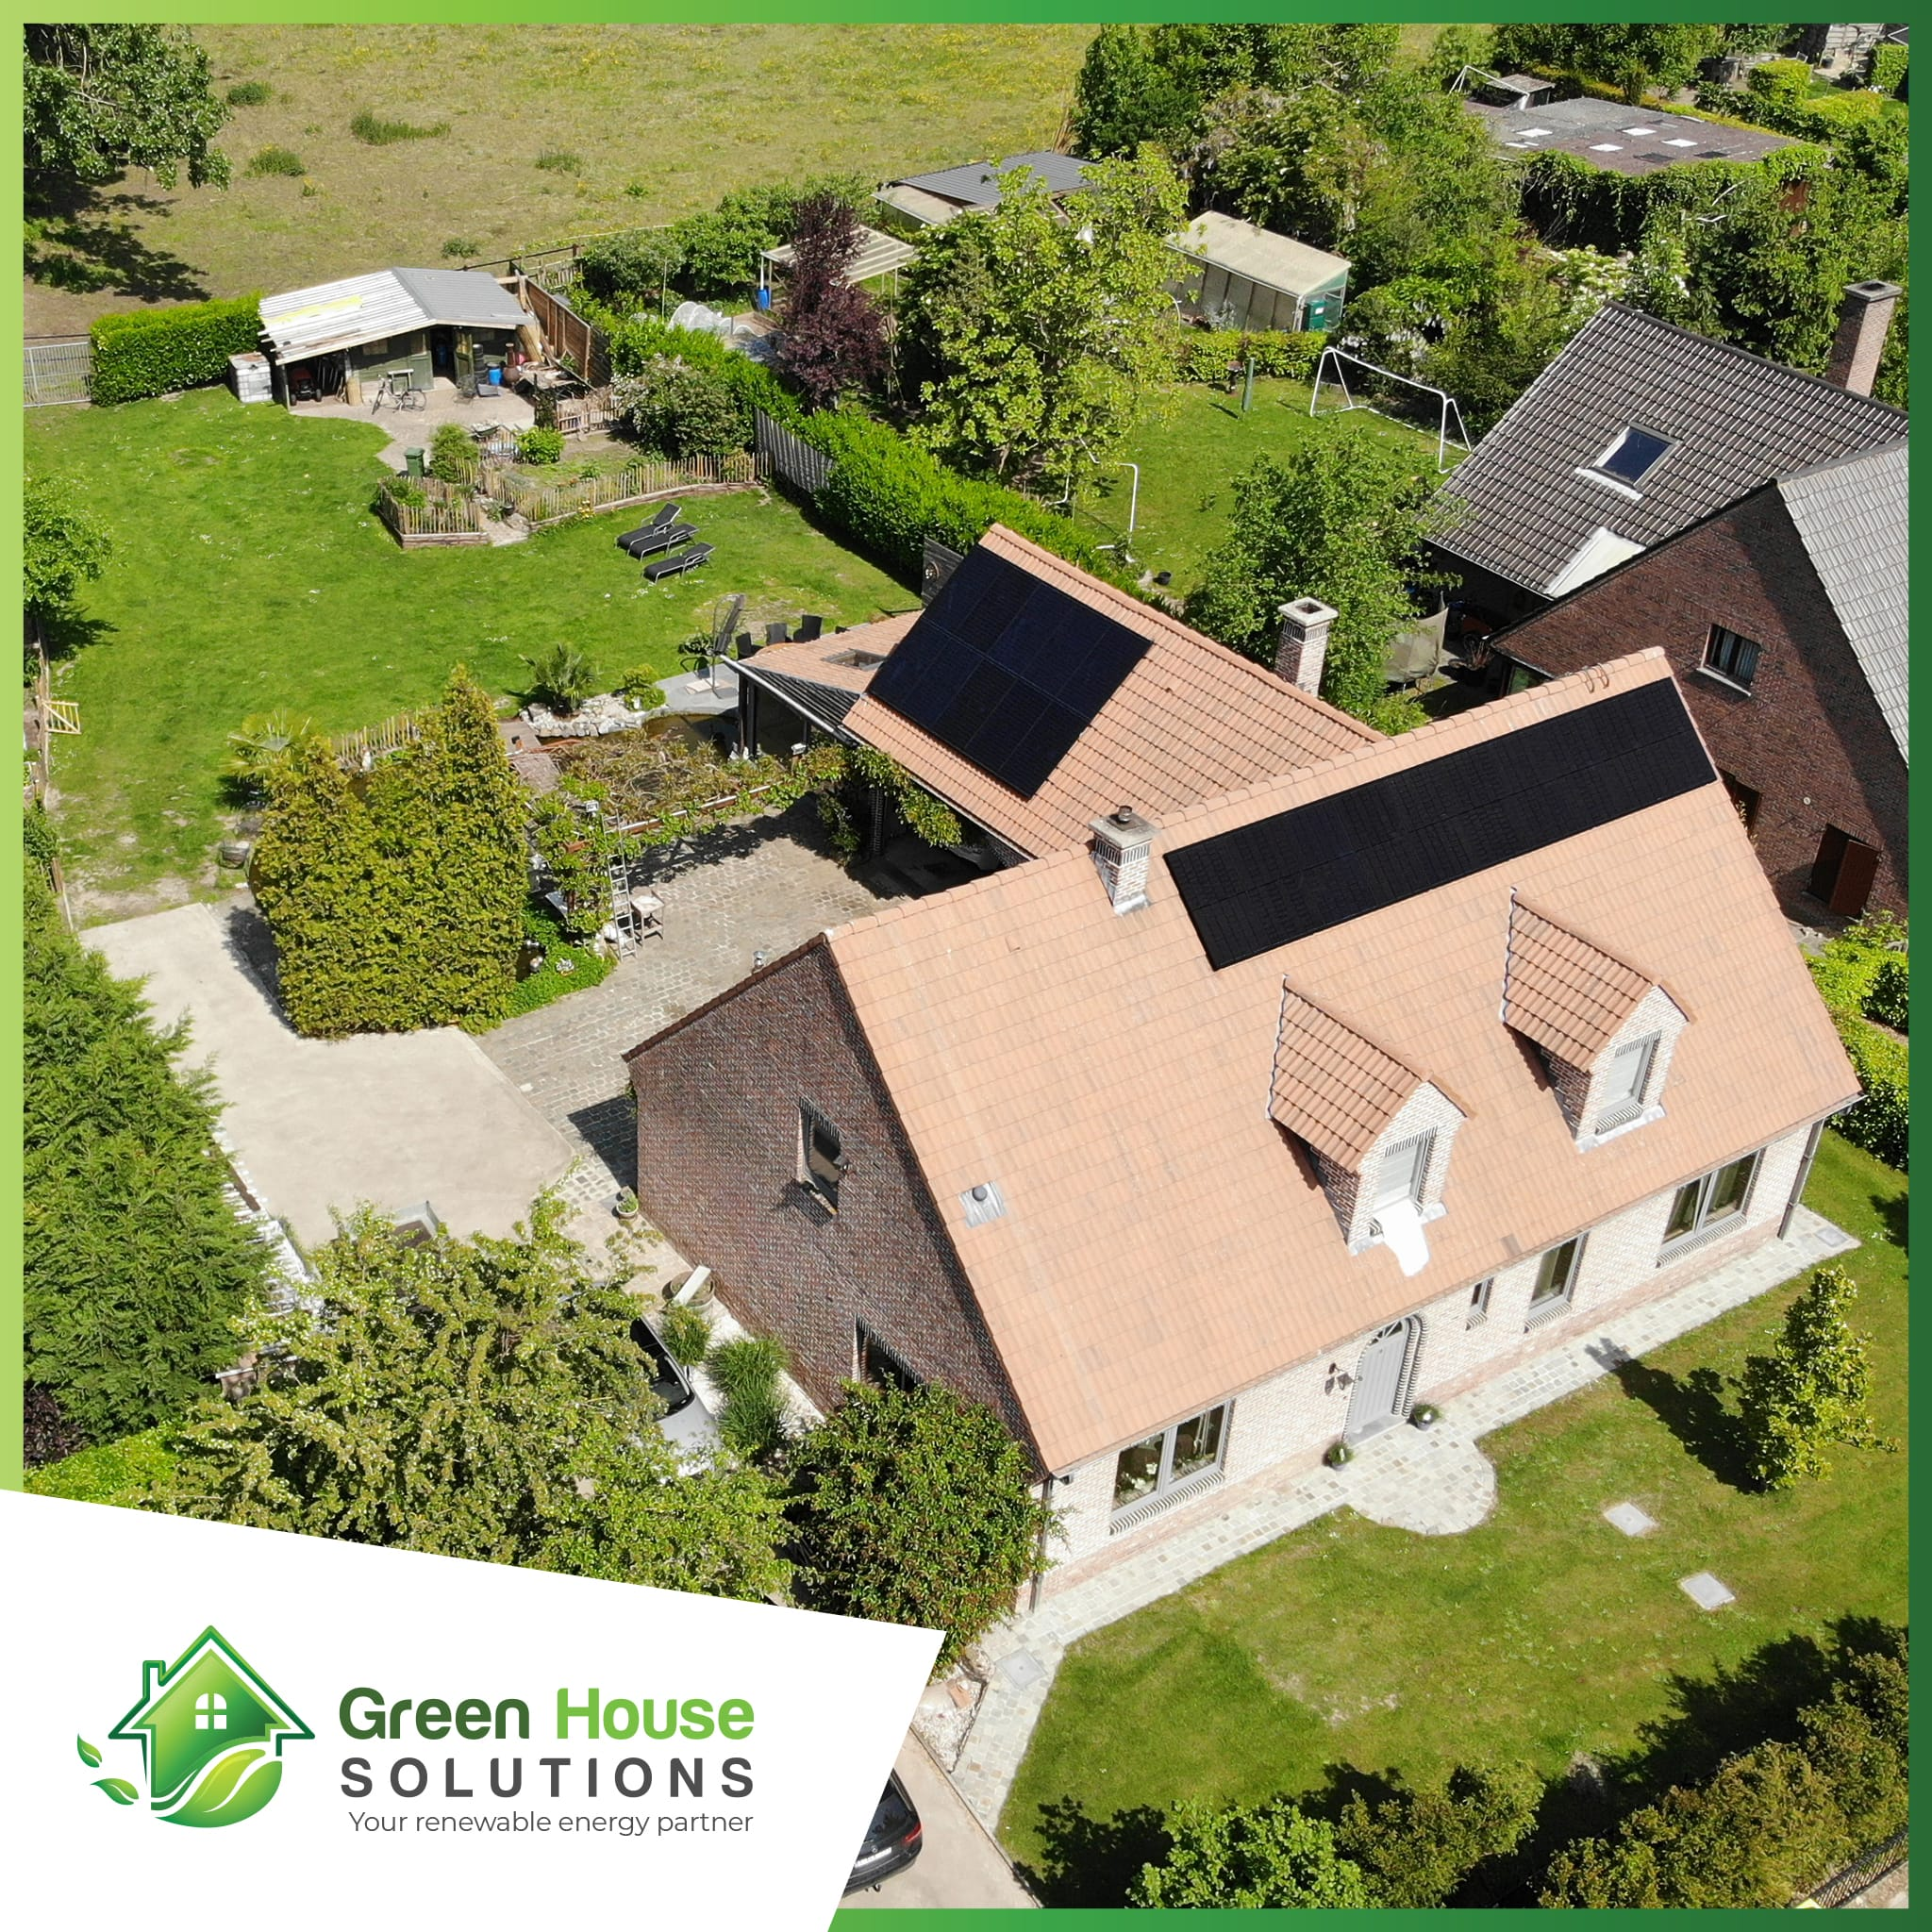 Green House Solutions zonnepanelen plaatsen installeren of kopen in lebbeke